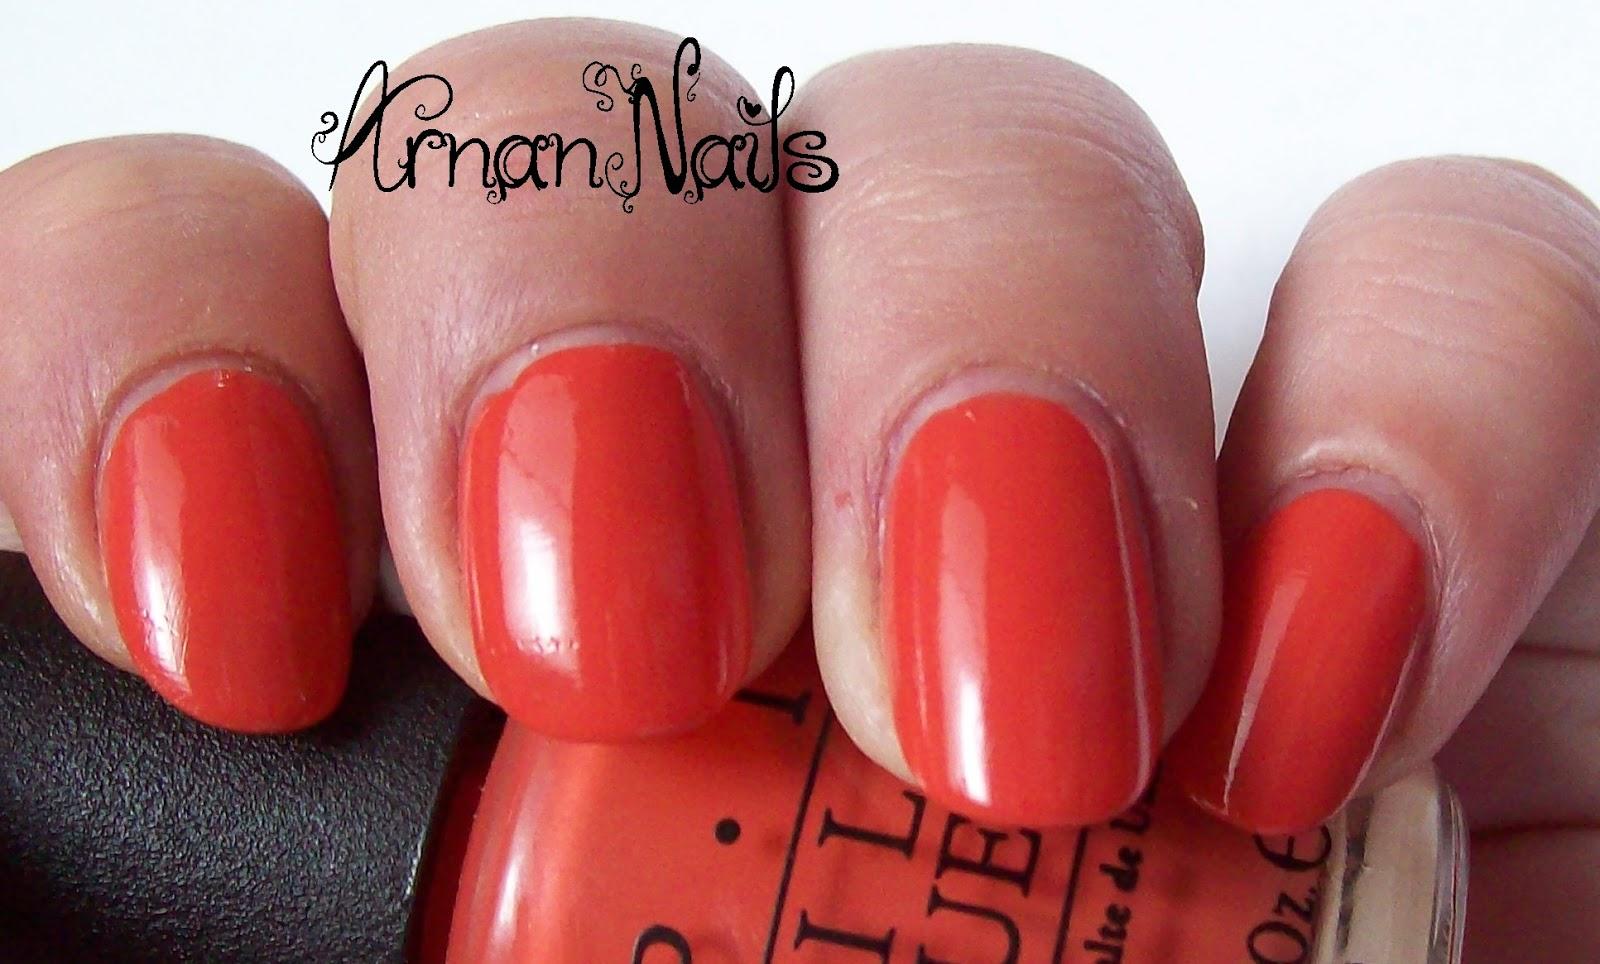 Arnan Nails: Colour Mishmash Part Deux